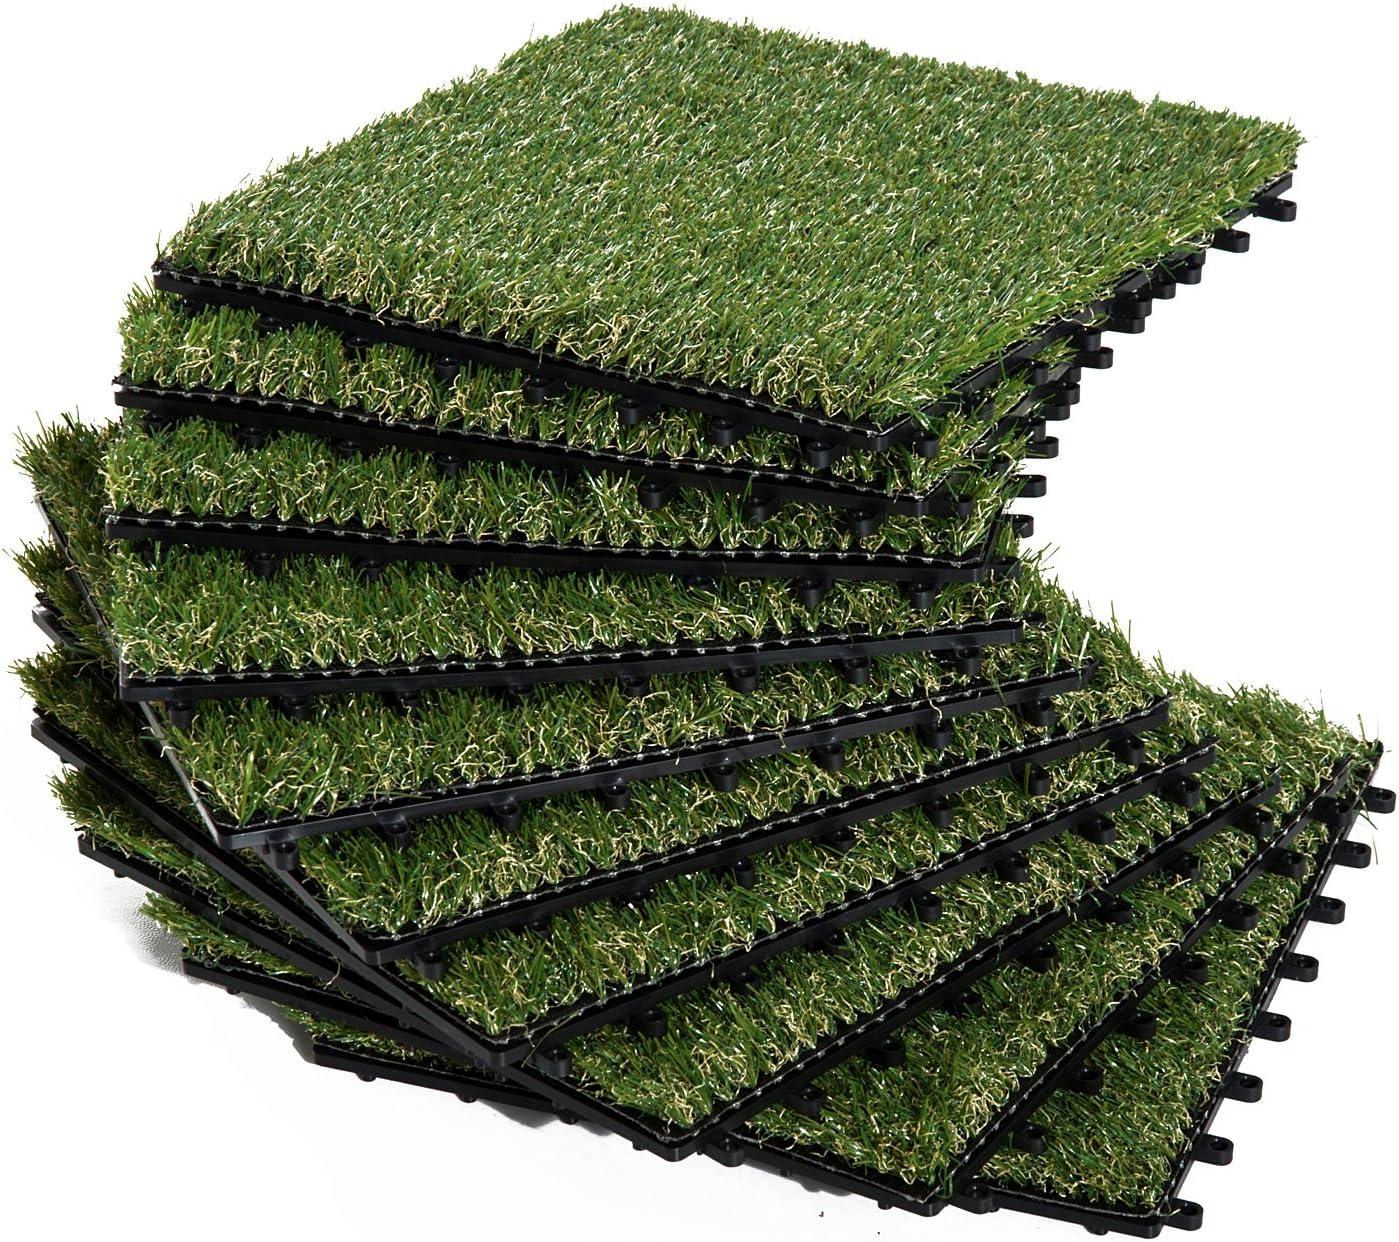 Outsunny Césped Artificial Tipo Alfombra o Estera de Hierba Sintética de Exterior Interior 30x30cm 25mm para Jardín y Terraza 10 Piezas Densidad 11000